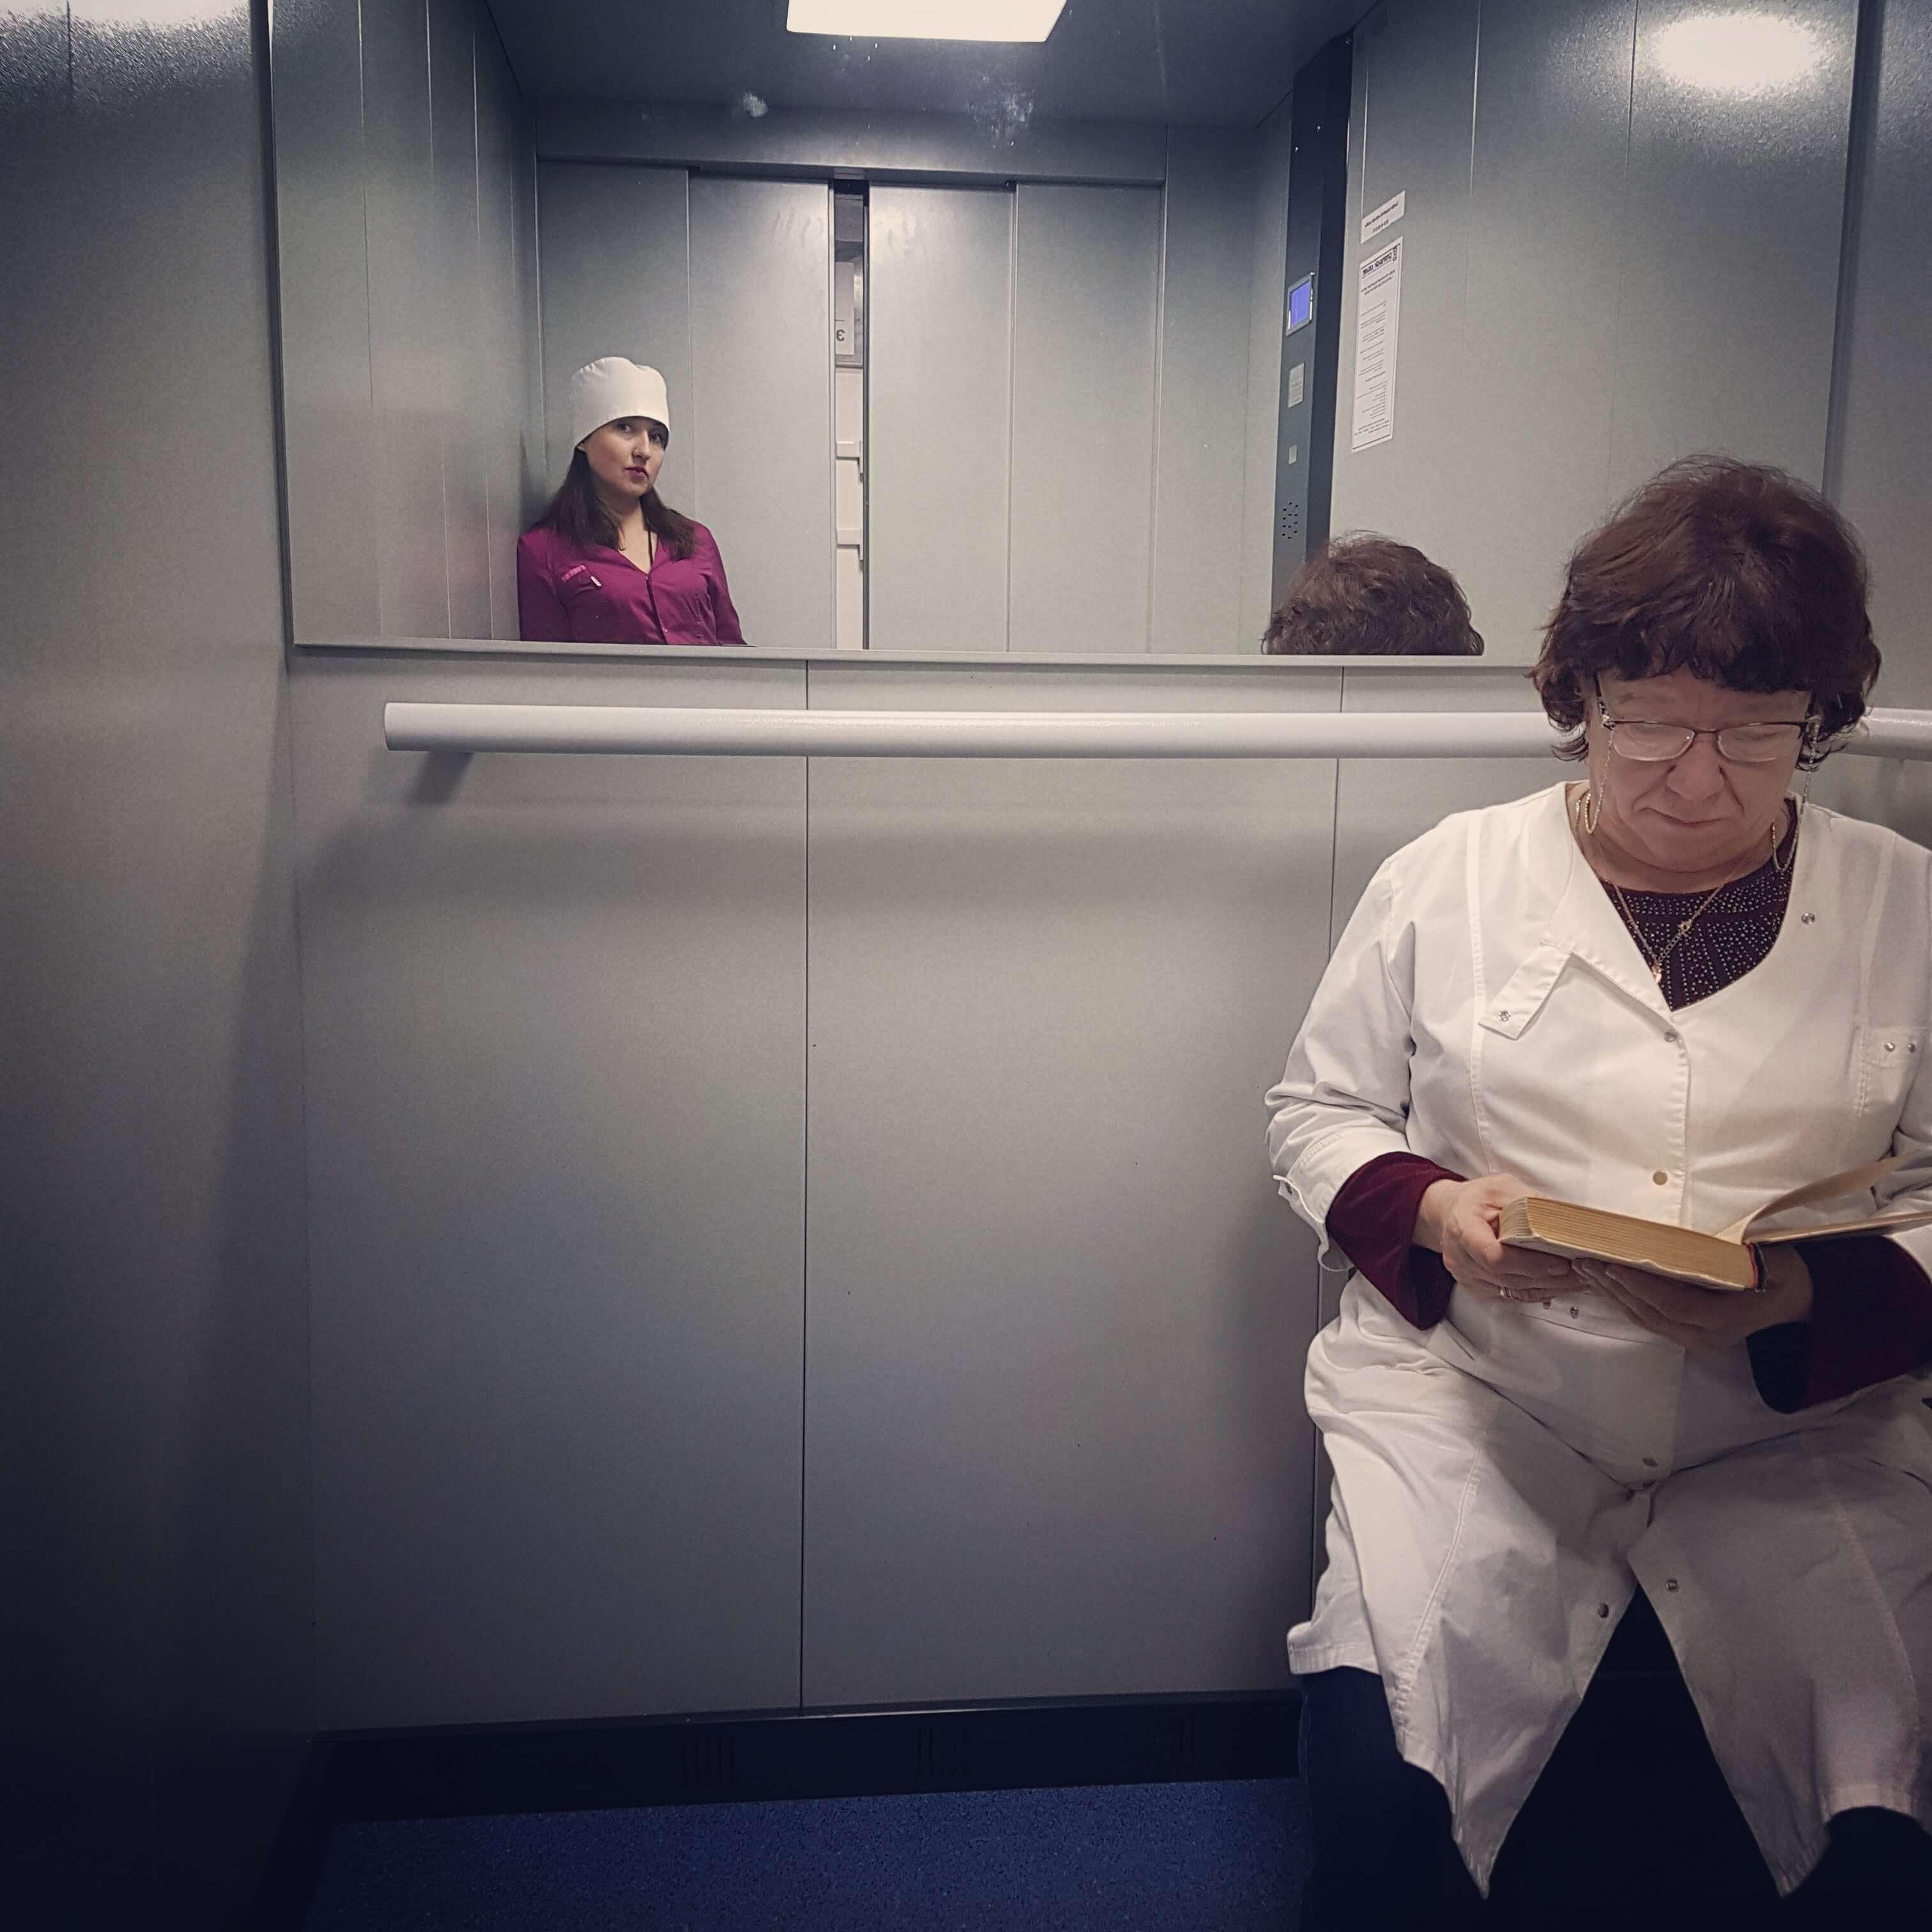 Хранительница лифта: санитарка-лифтерша Людмила Хаханова